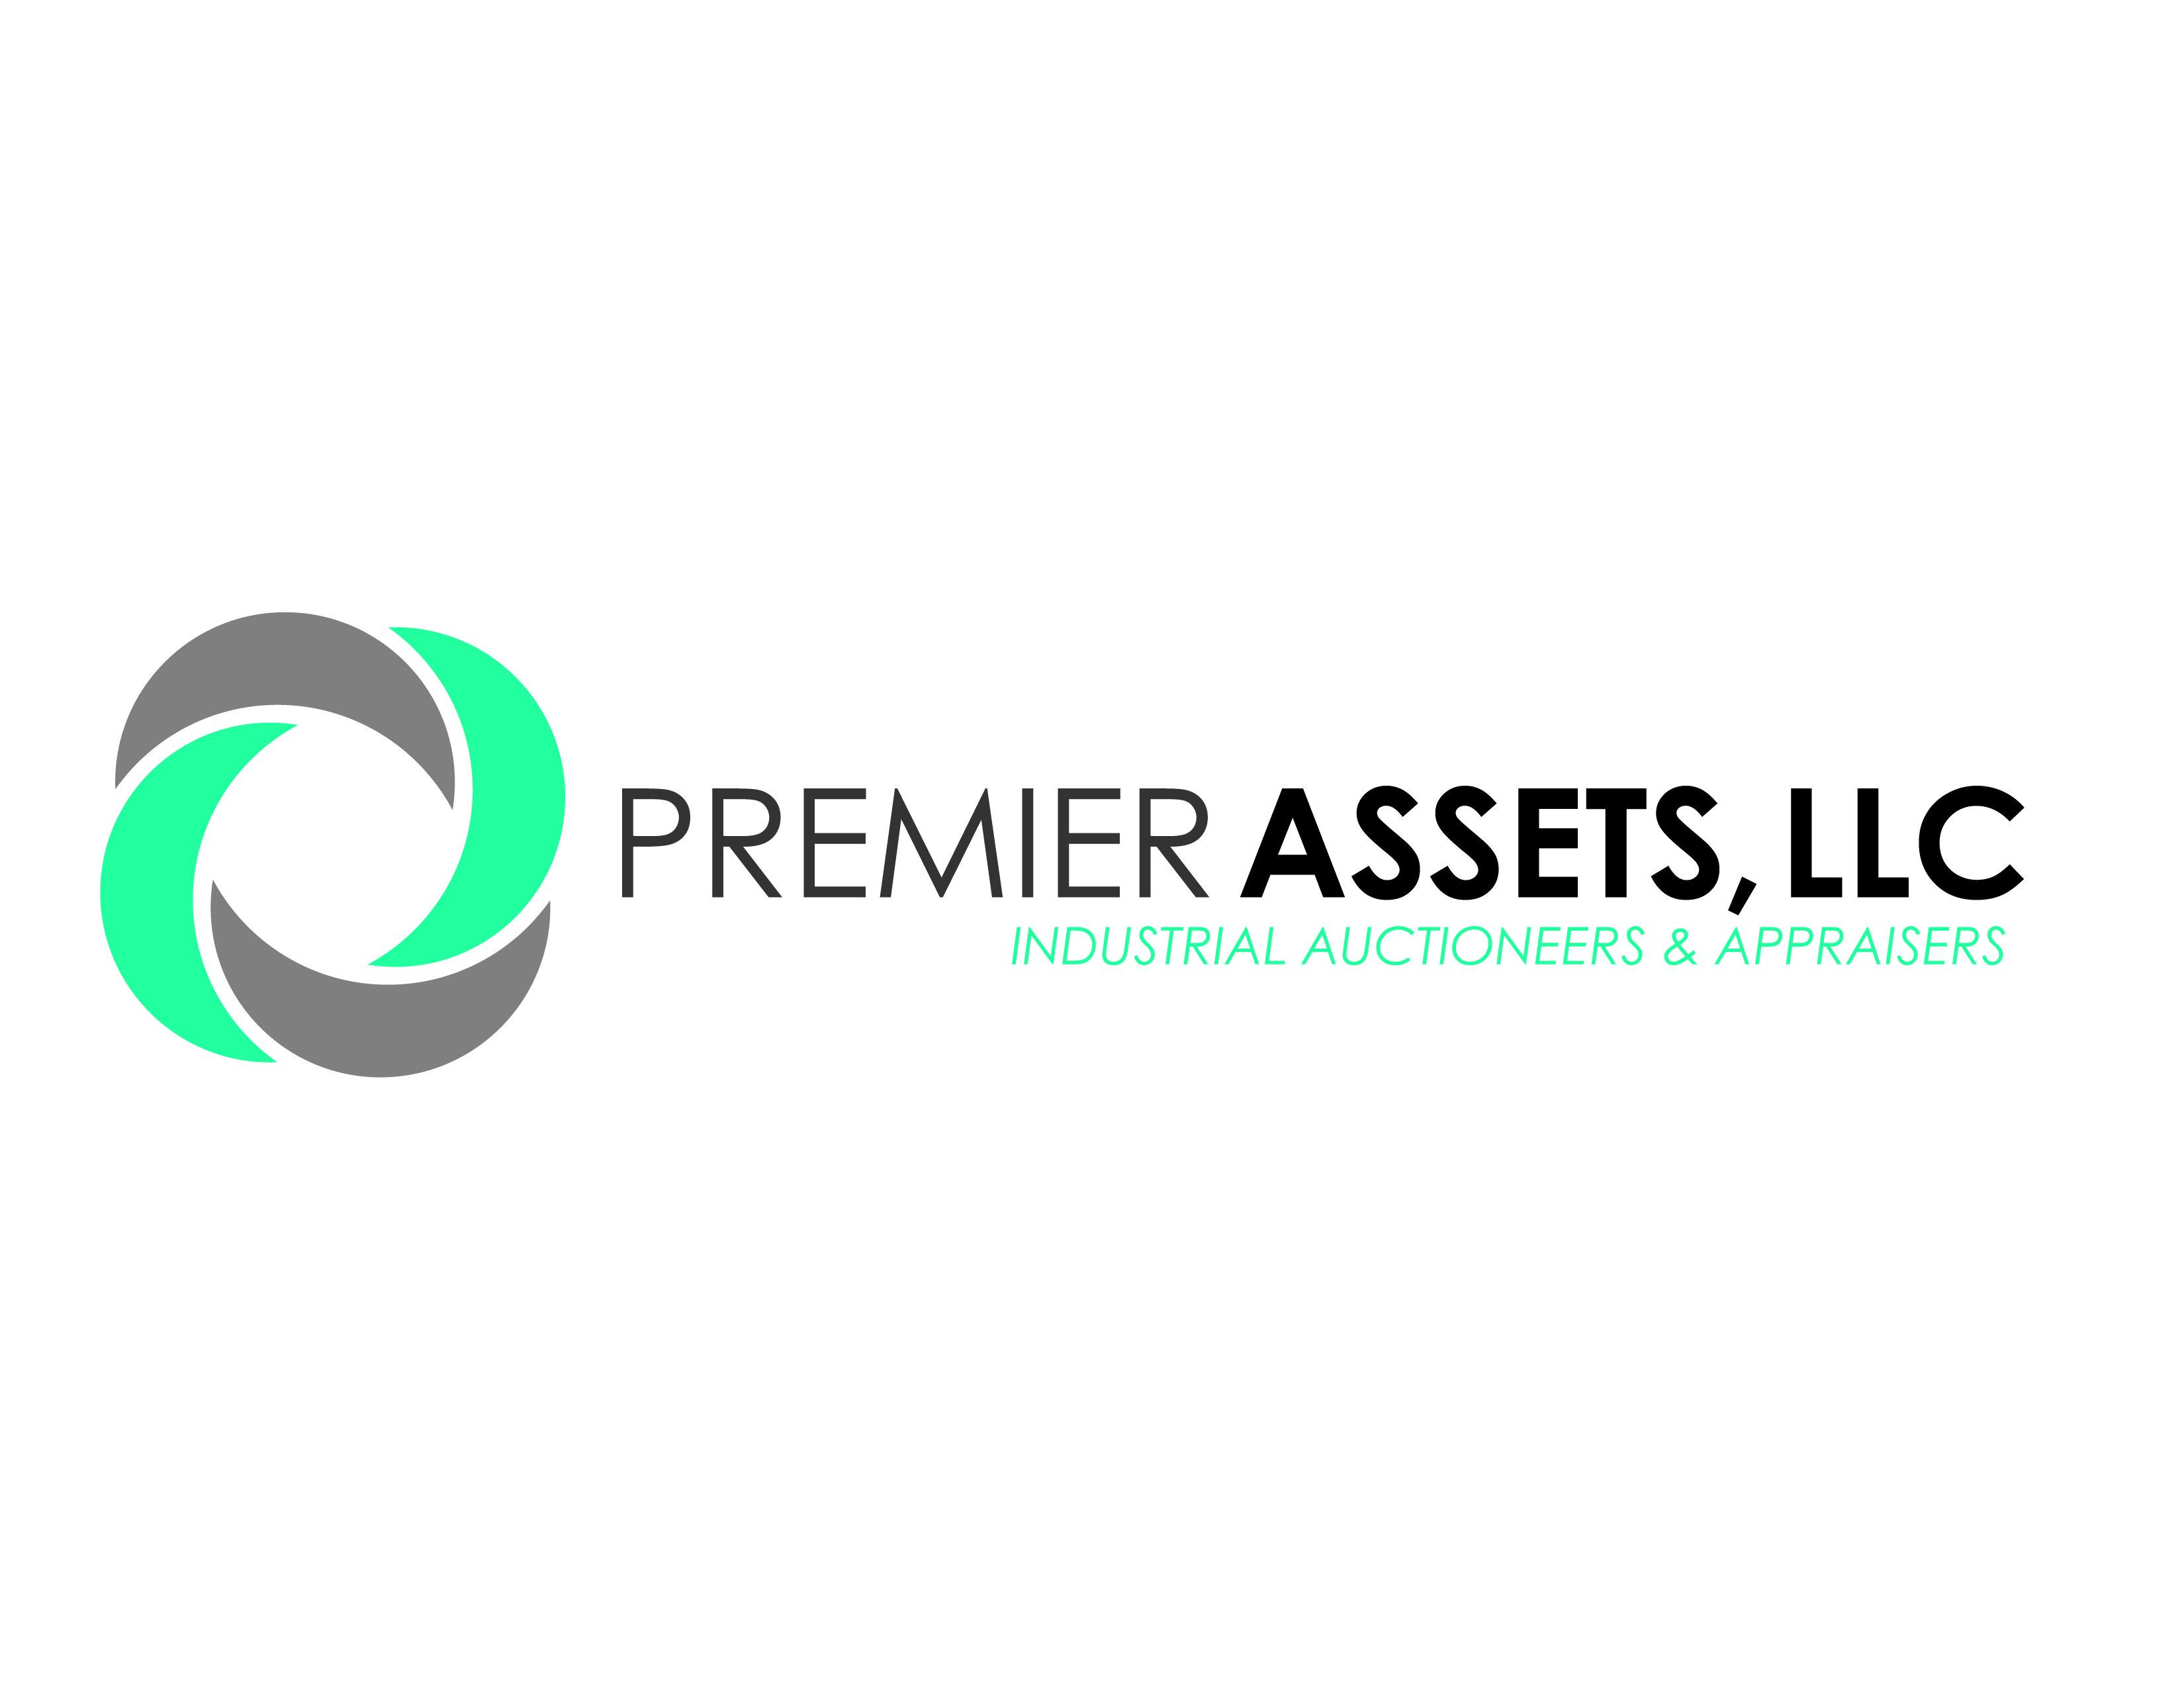 Premier Assets LLC